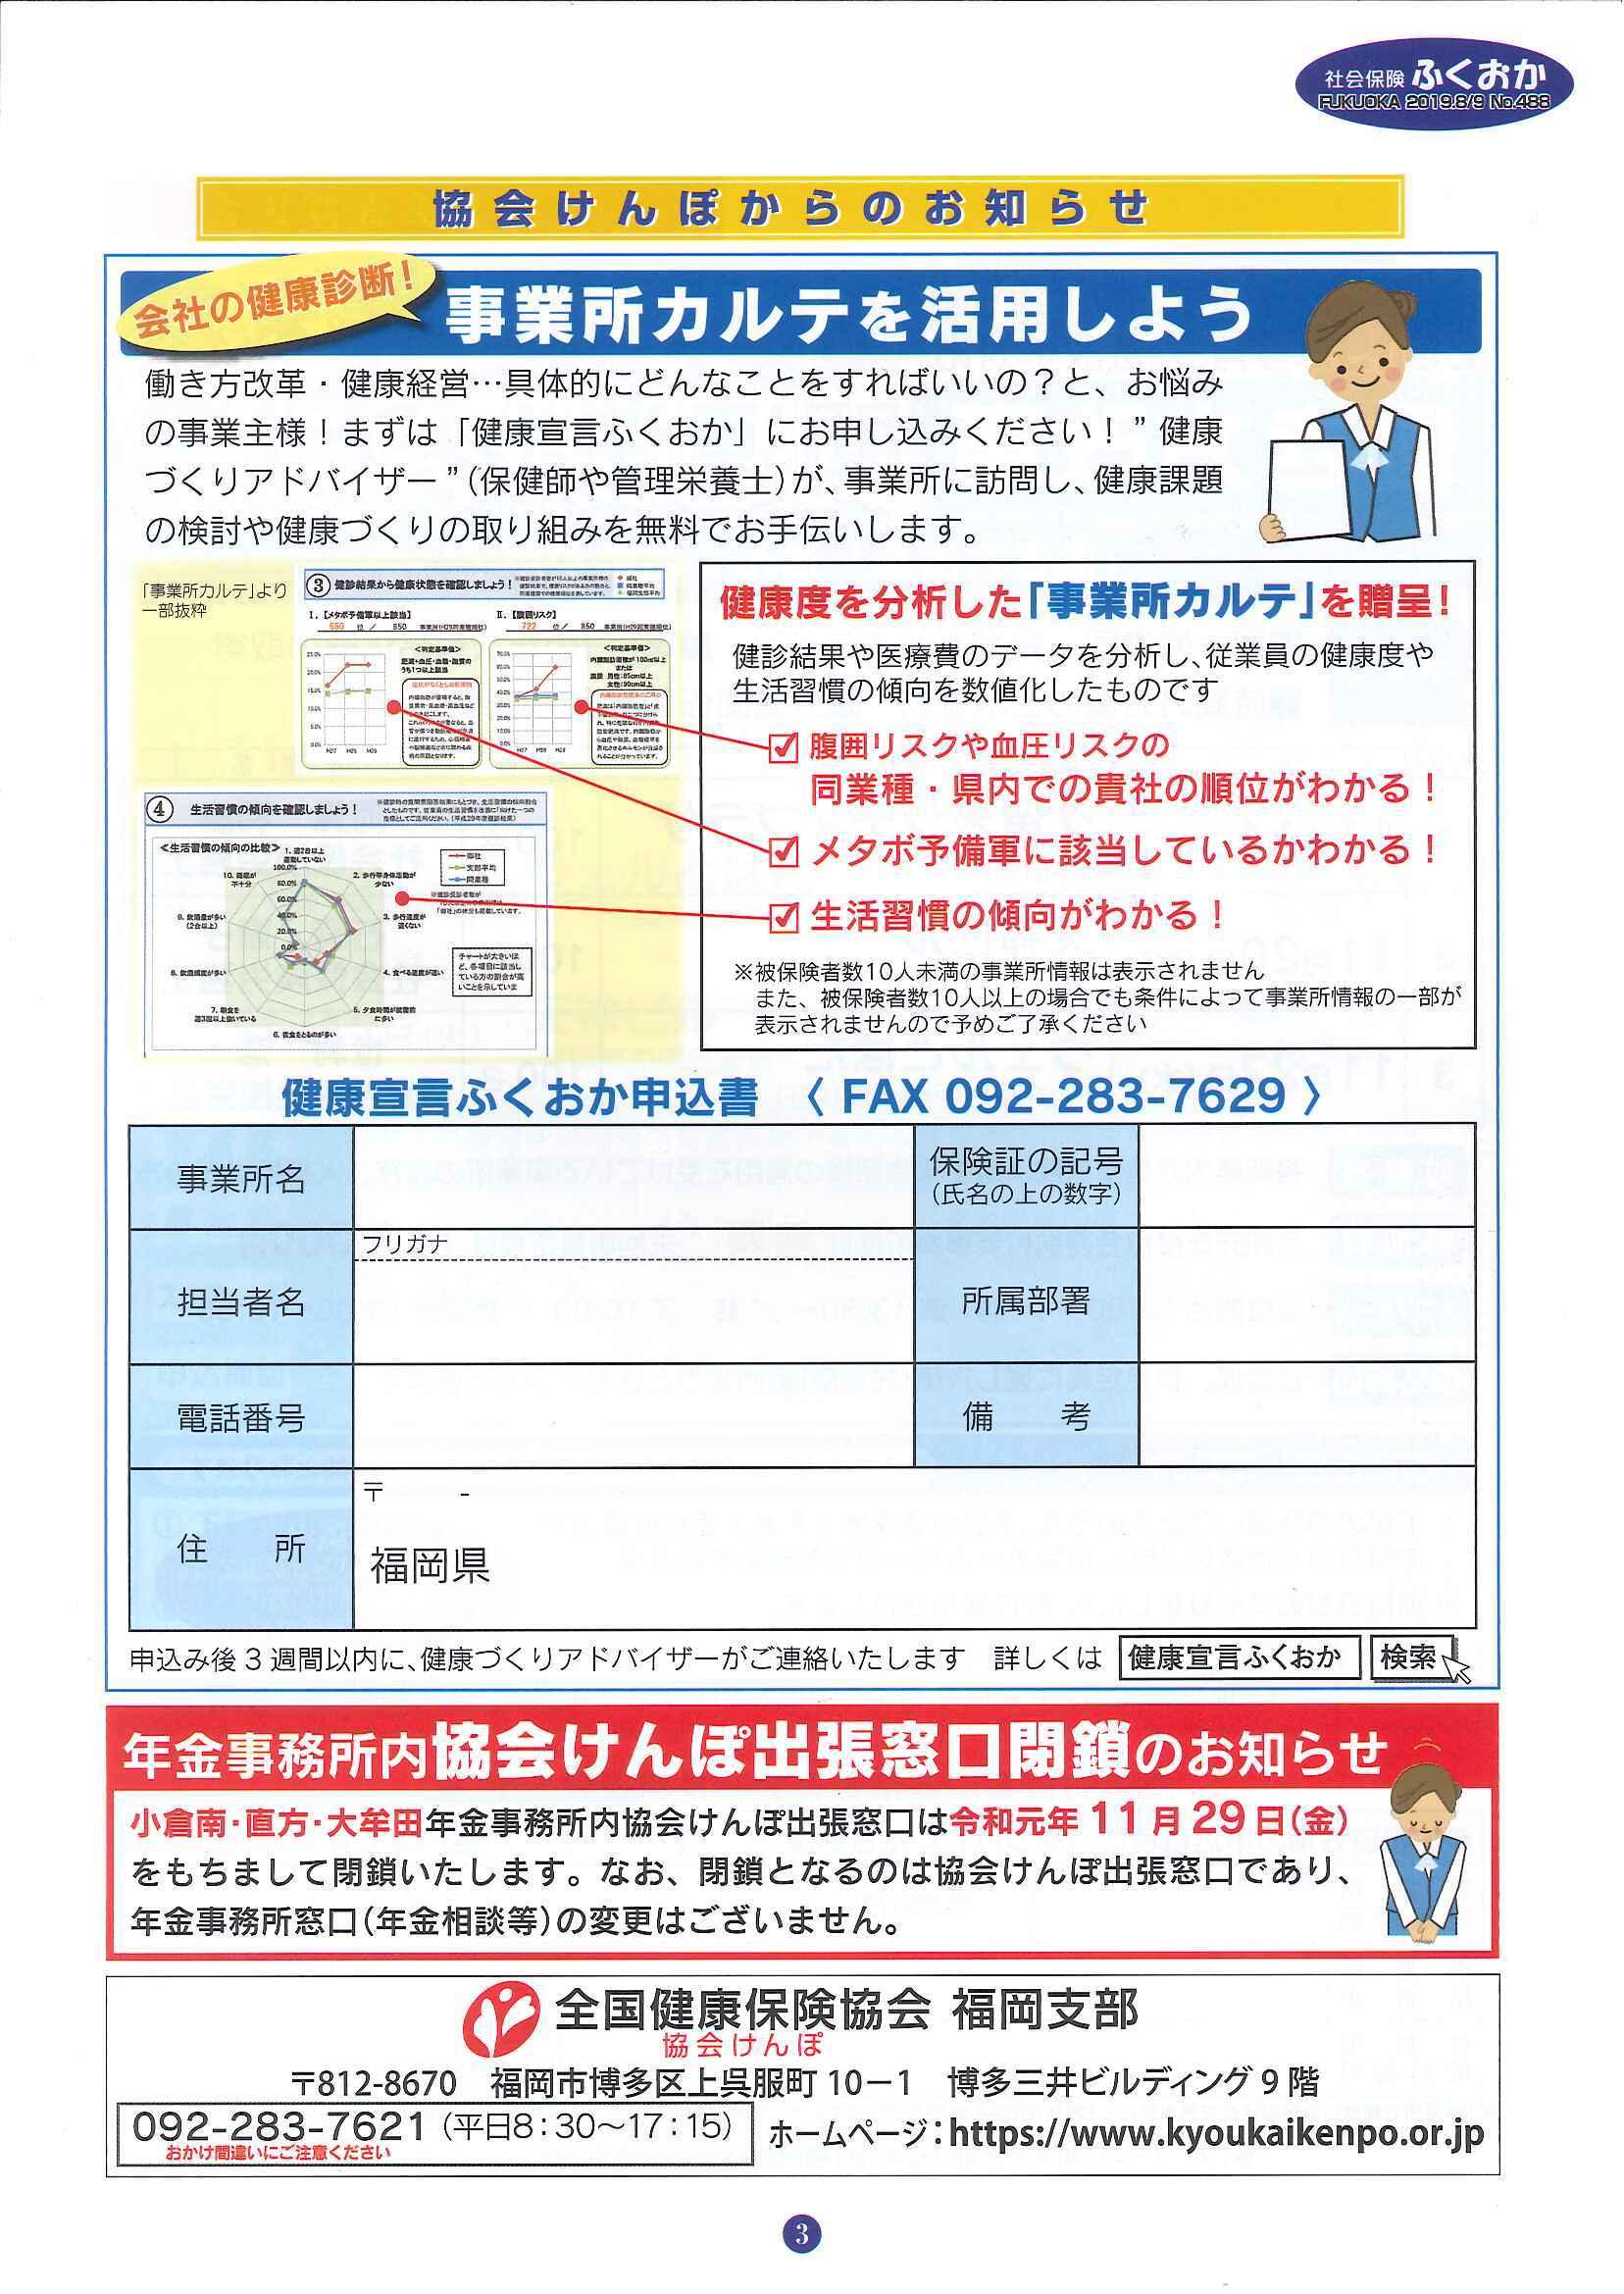 社会保険 ふくおか 2019年8・9月号_f0120774_15454790.jpg